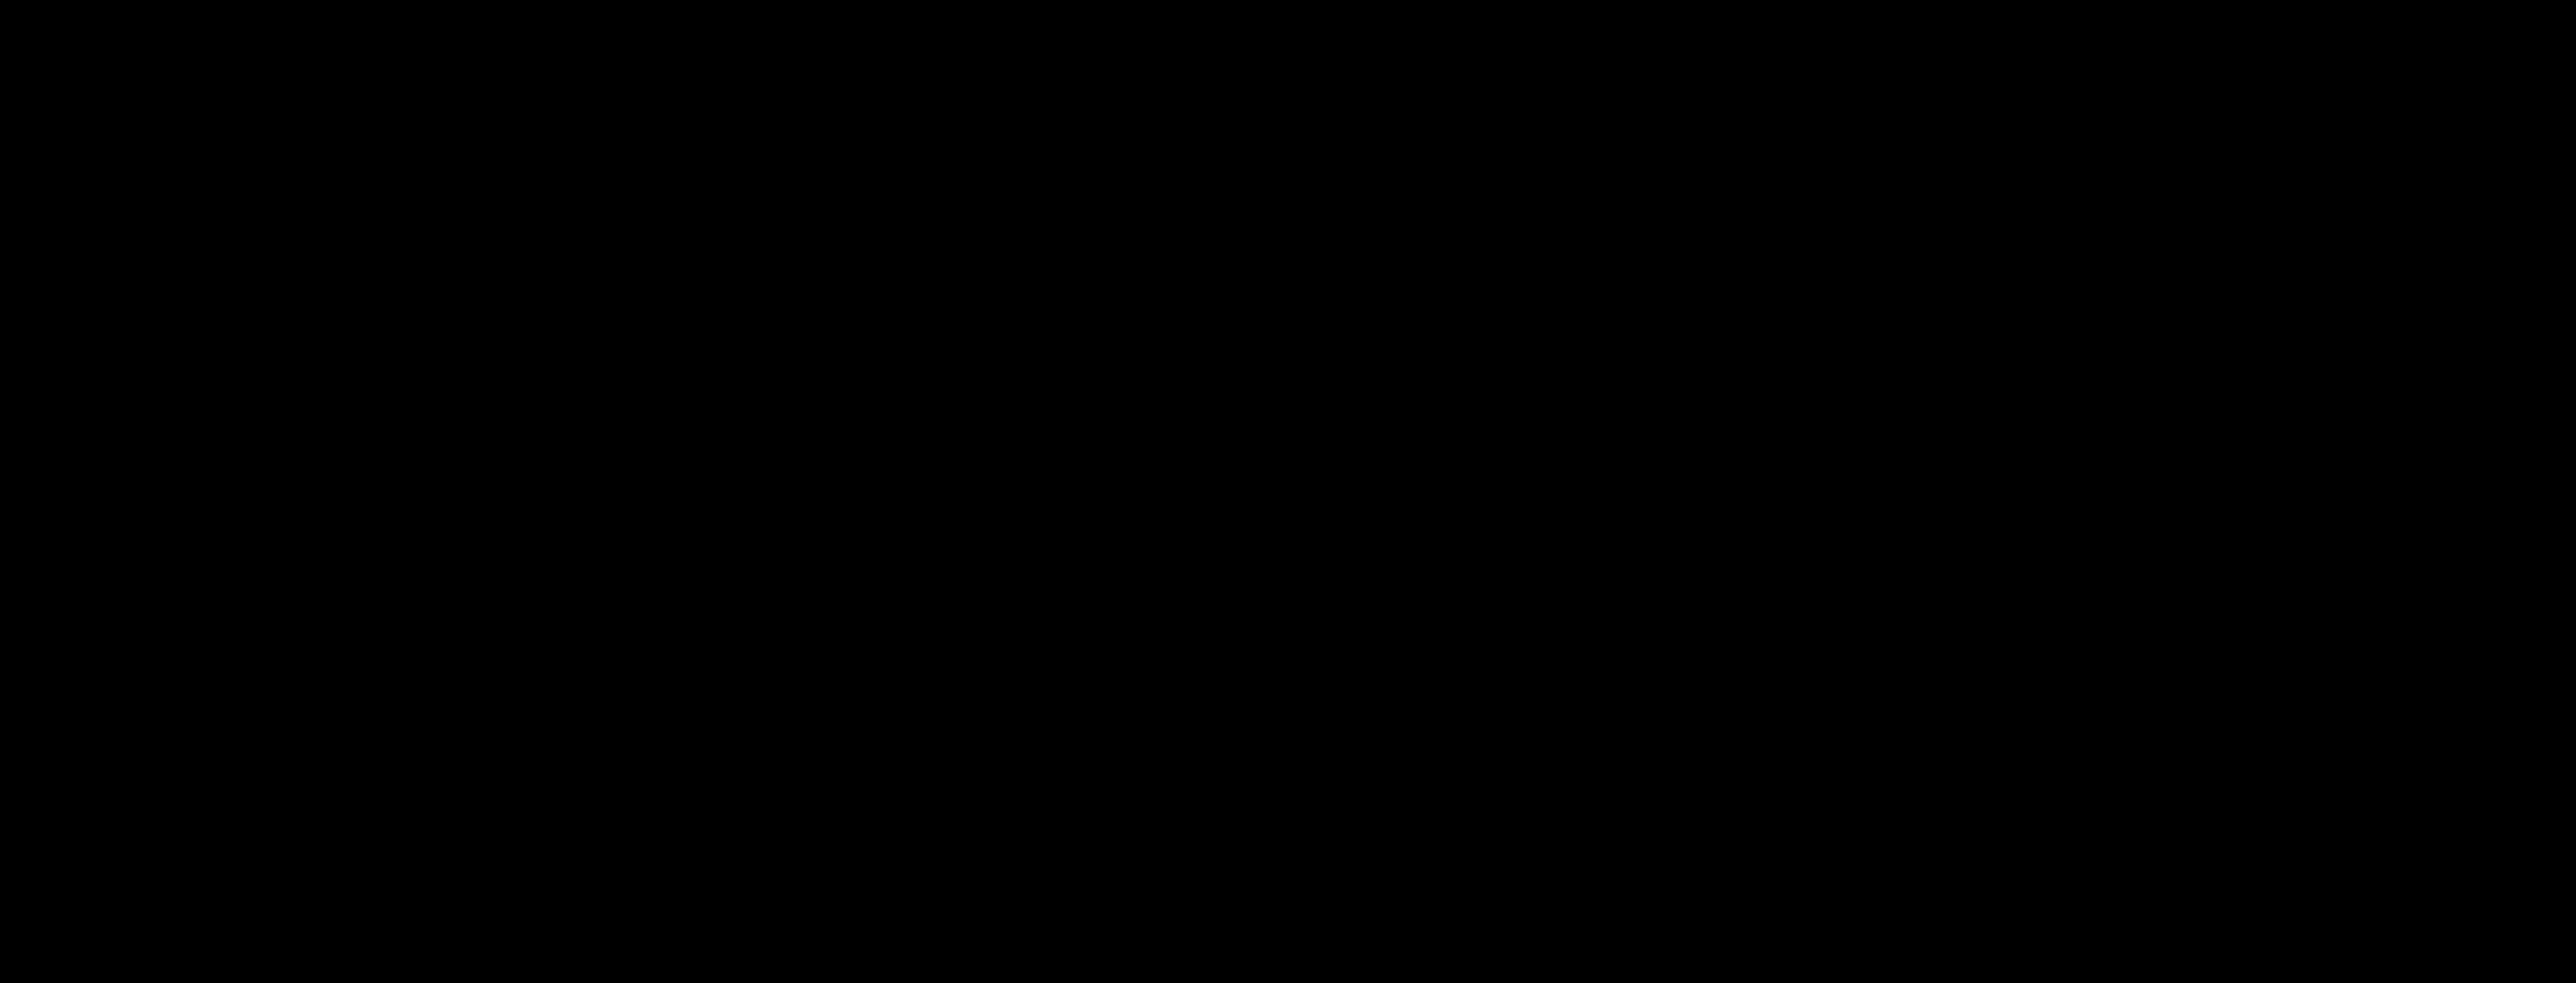 Сьогодні стартує KHARKIV PHOTO FORUM